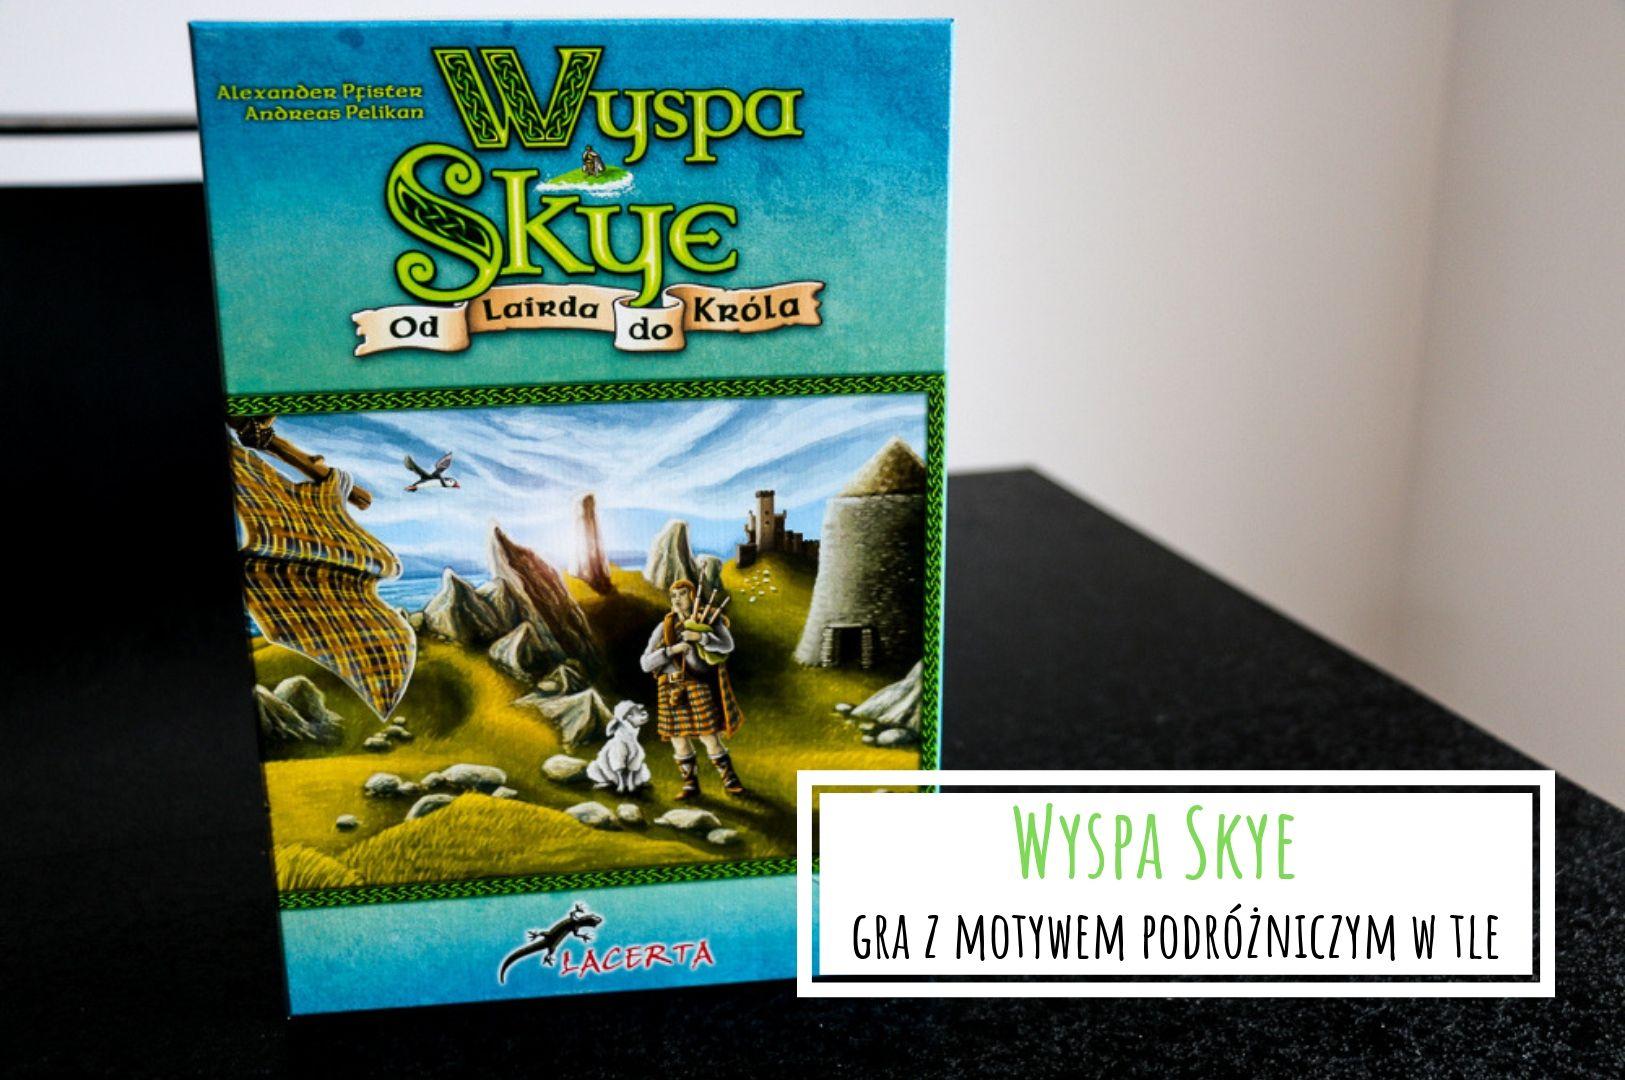 wyspa_skye_gra